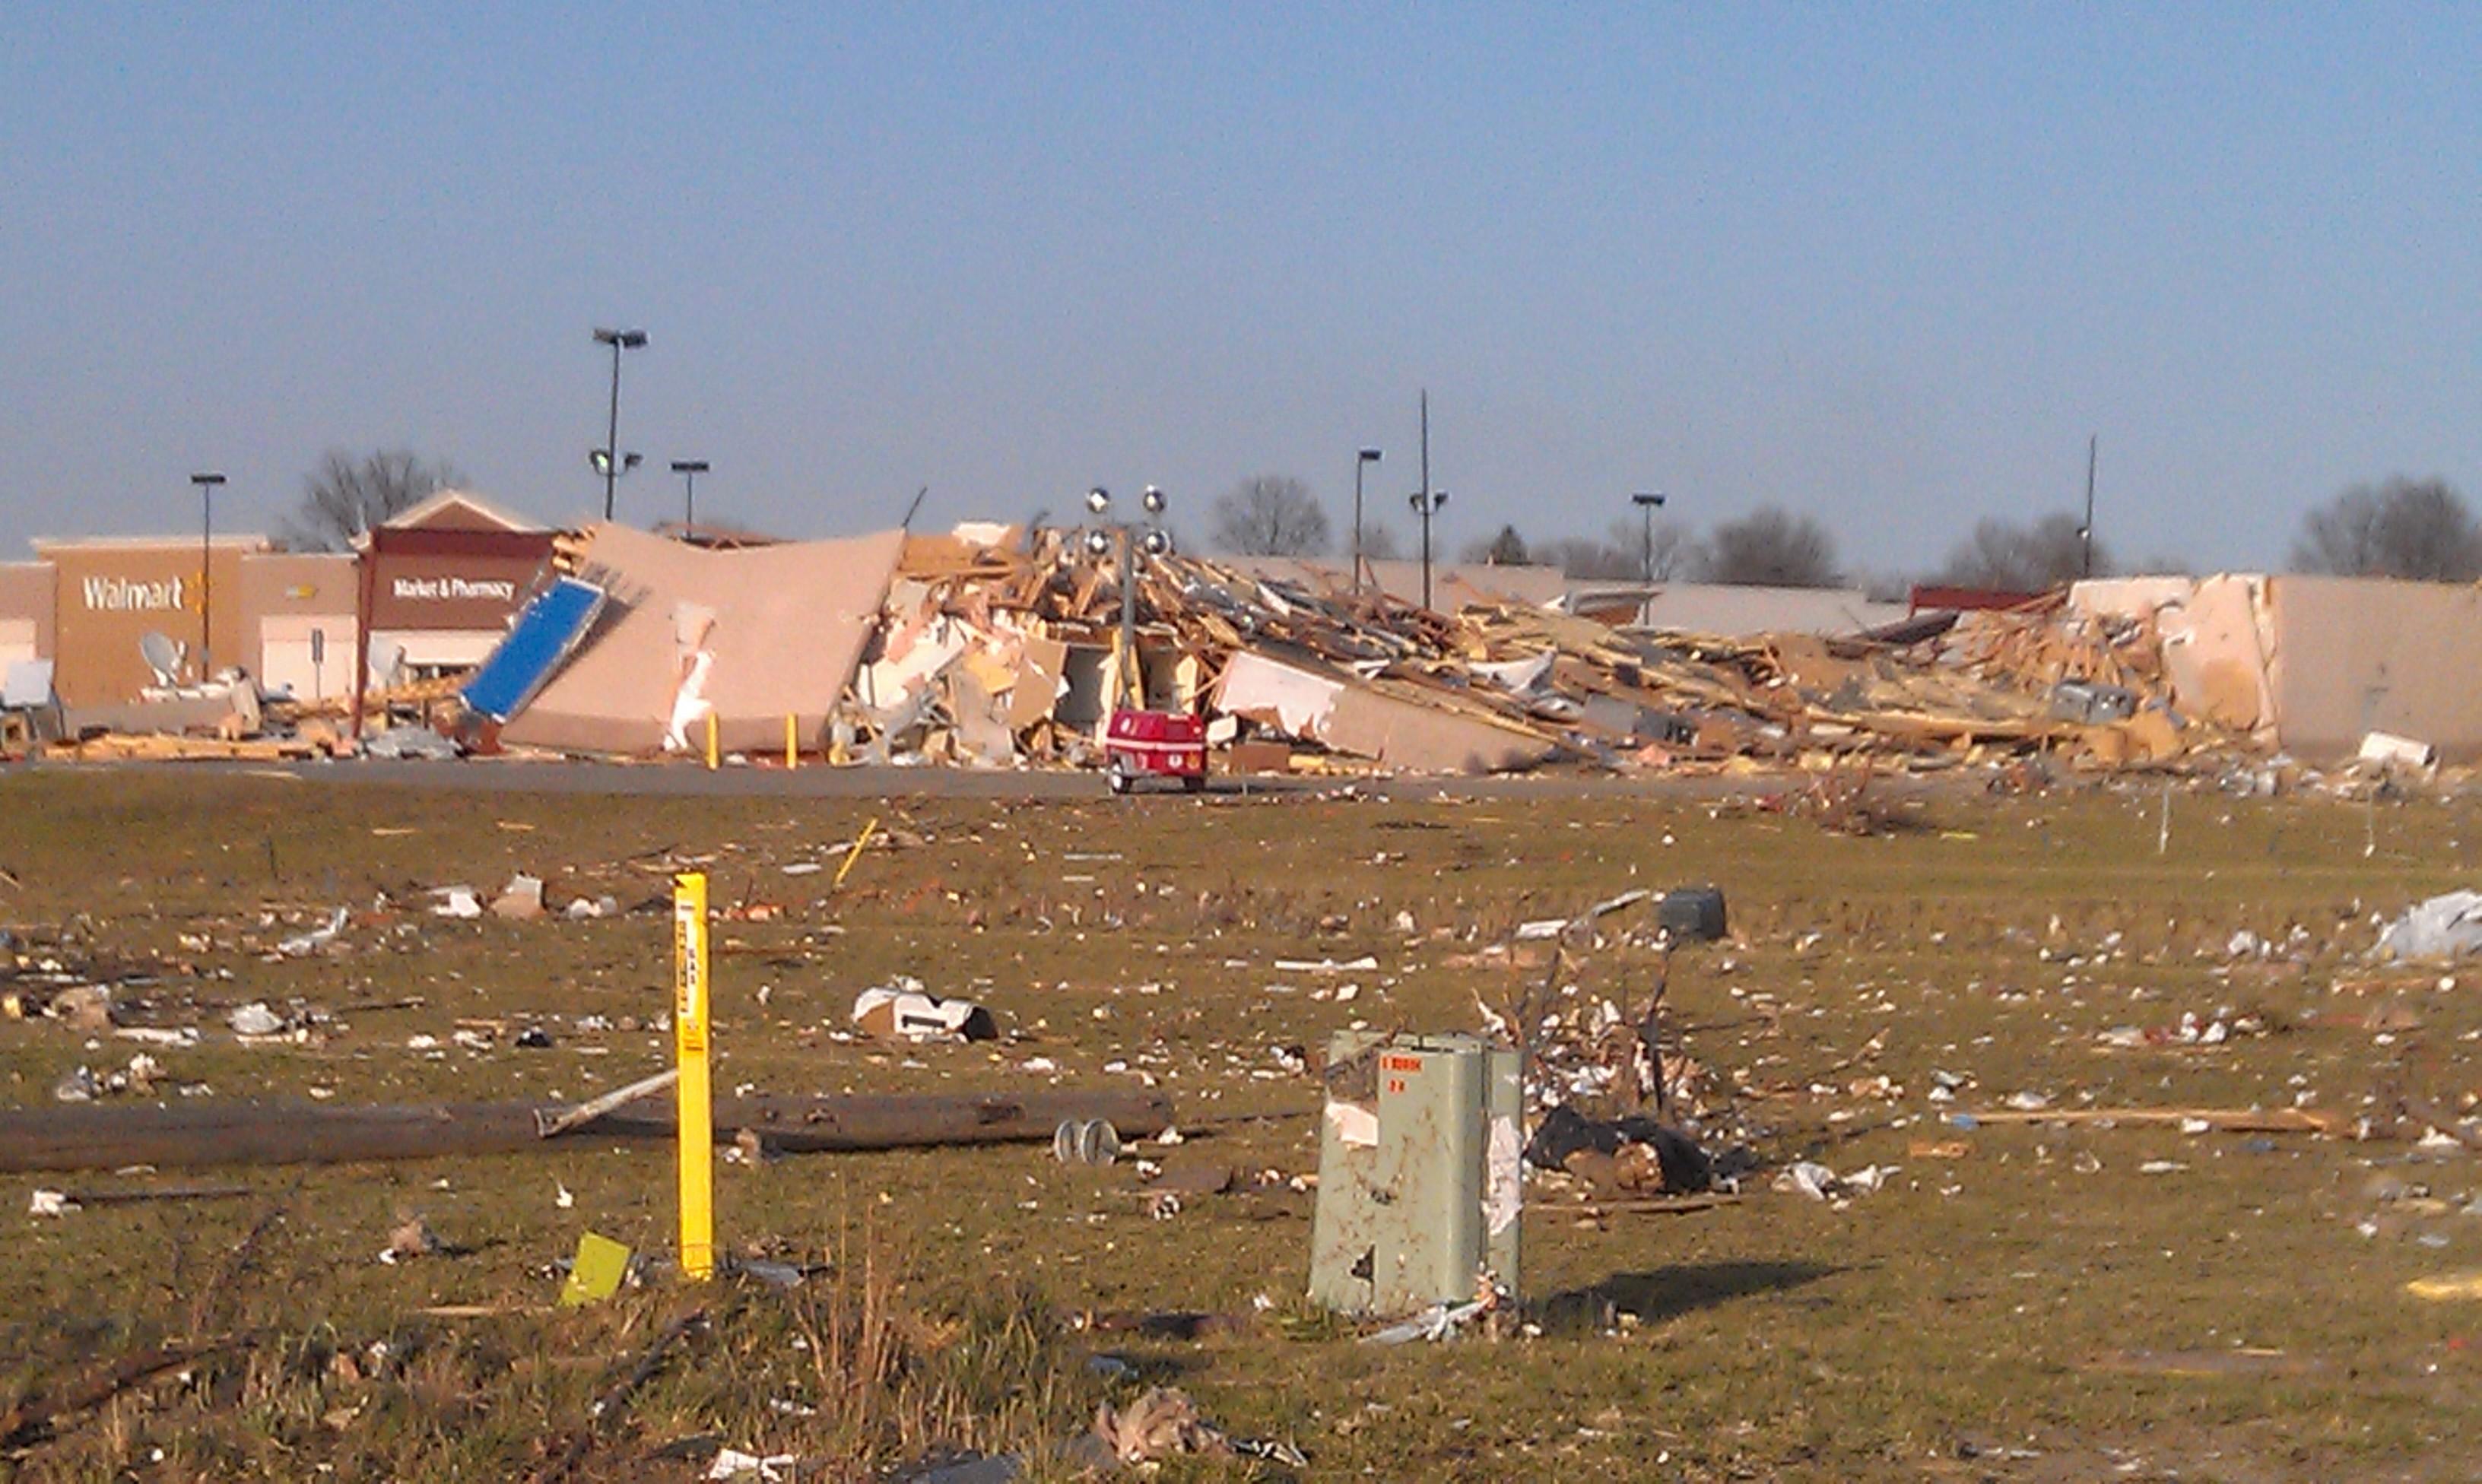 FileHarrisburg Tornado 01 163338 Walmart Strip Mall And